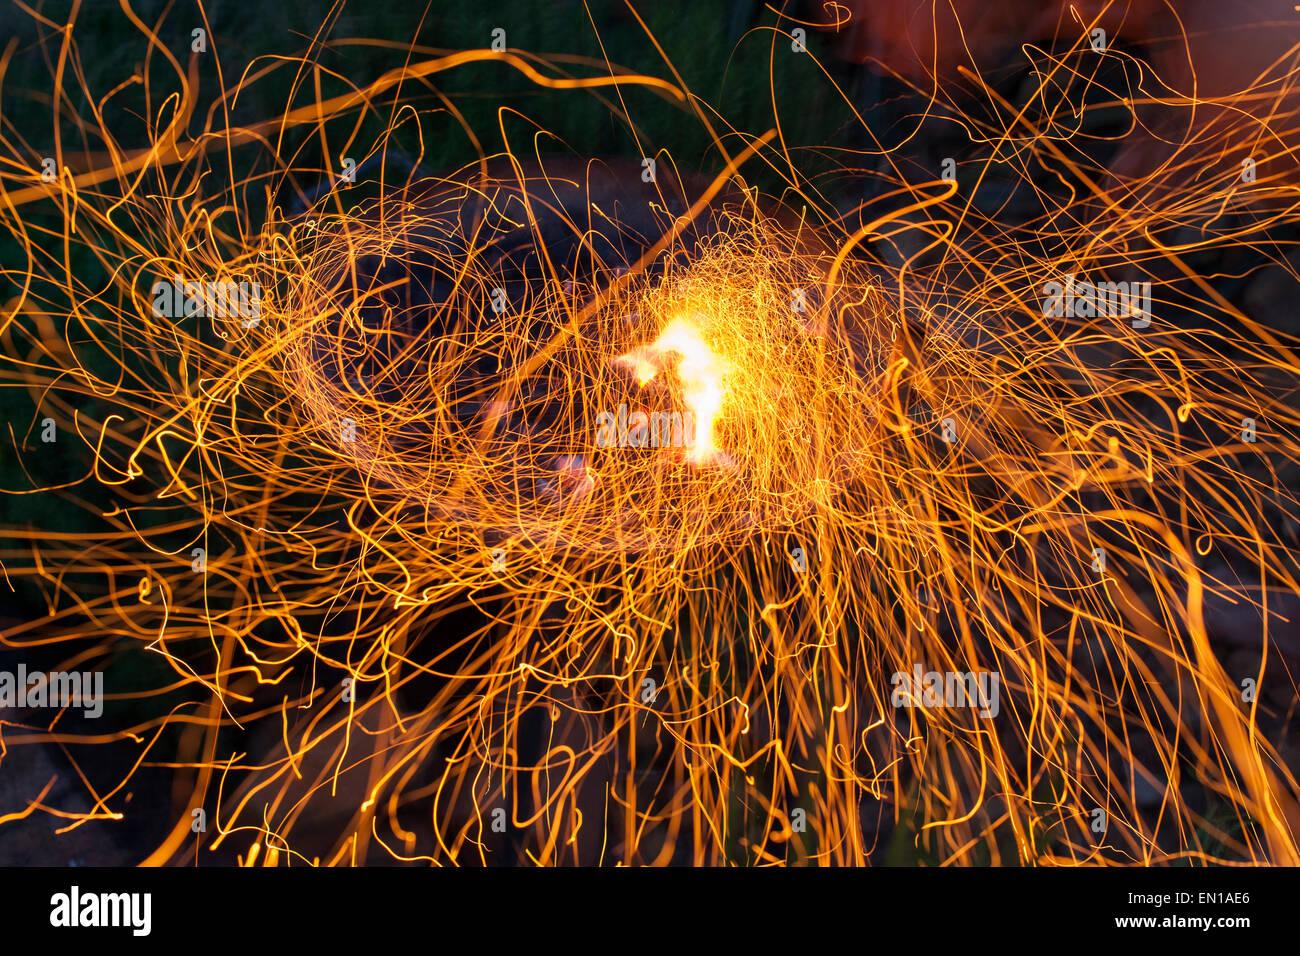 La larga exposición de chispas volando de un asado al fuego. Imagen De Stock